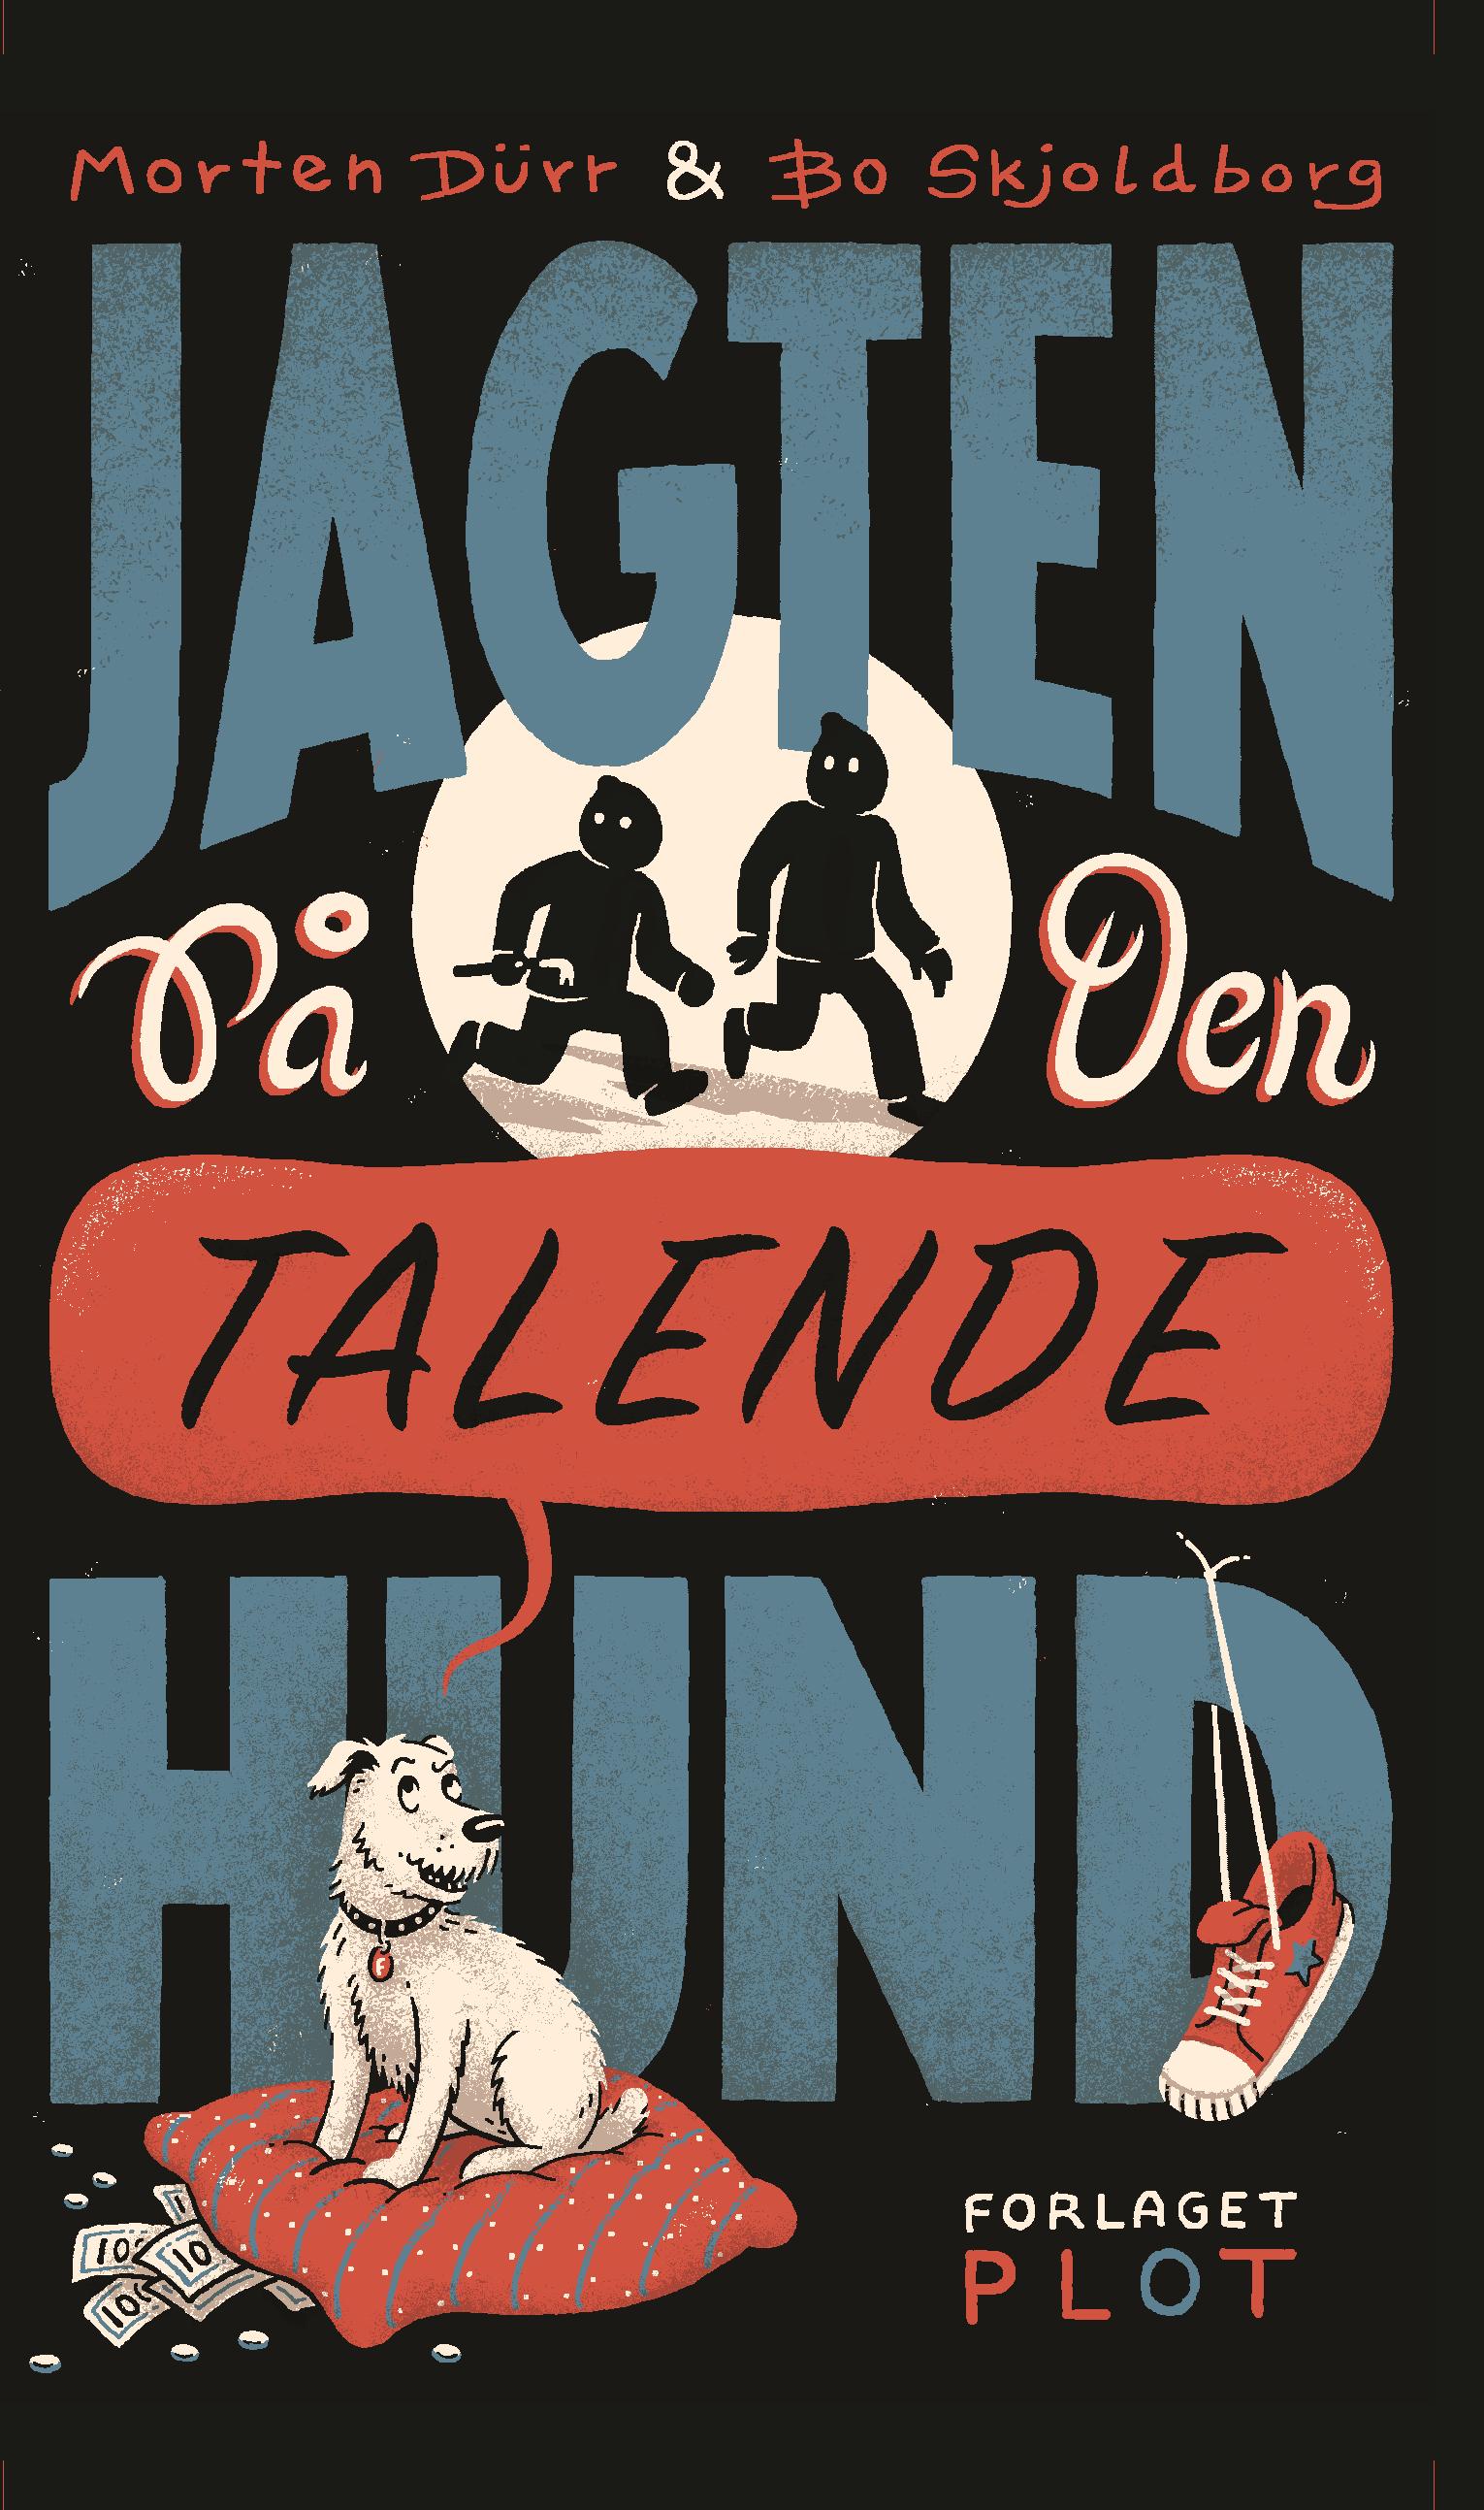 Jagten på den talende hund (paperback) 00004